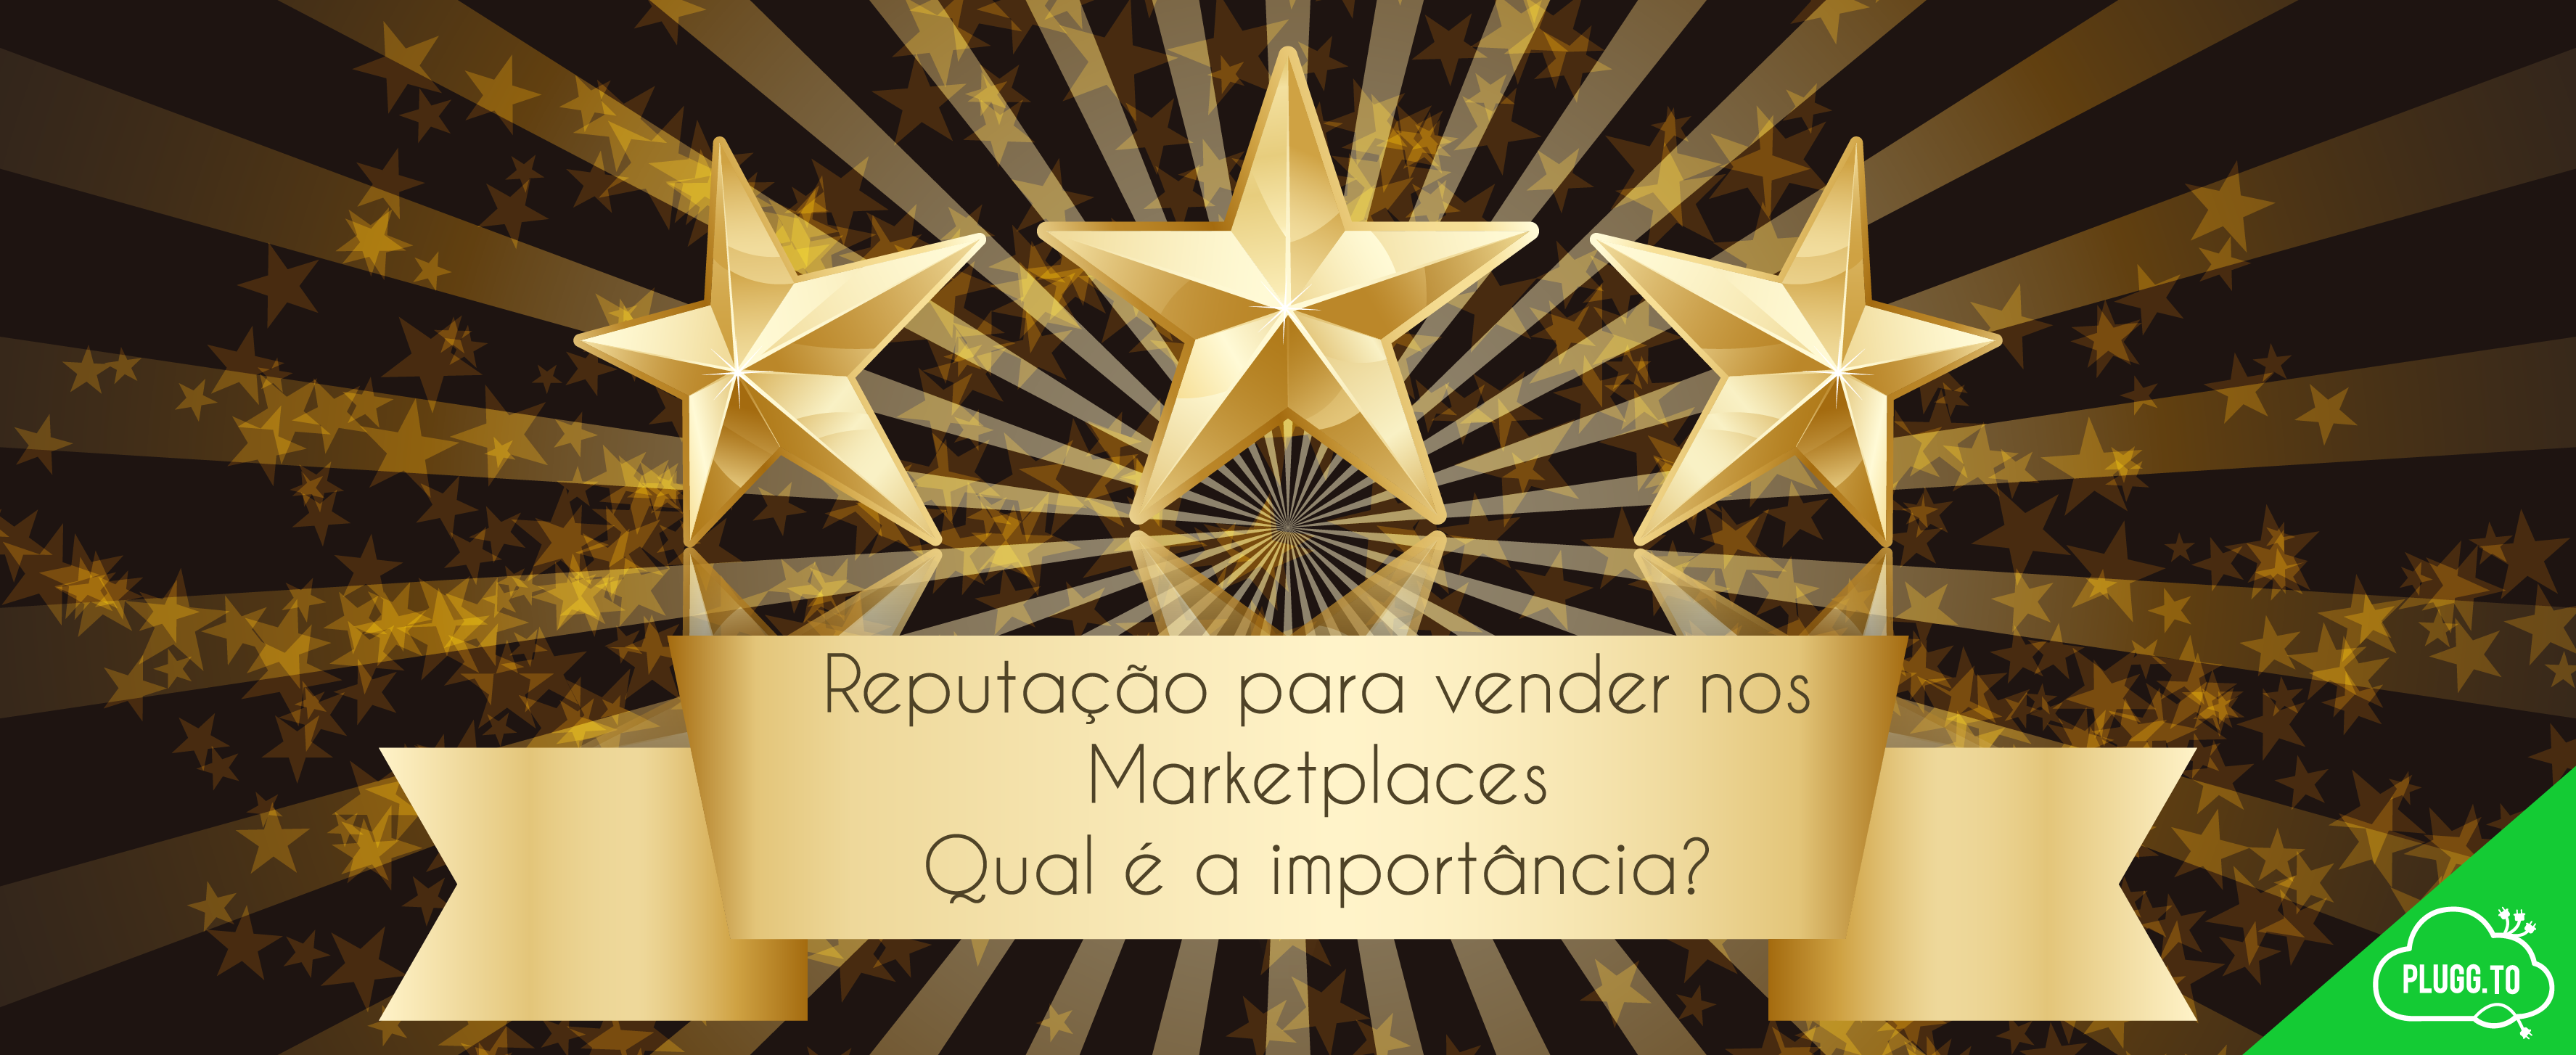 Reputação para vender nos Marketplaces – Qual é a importância?